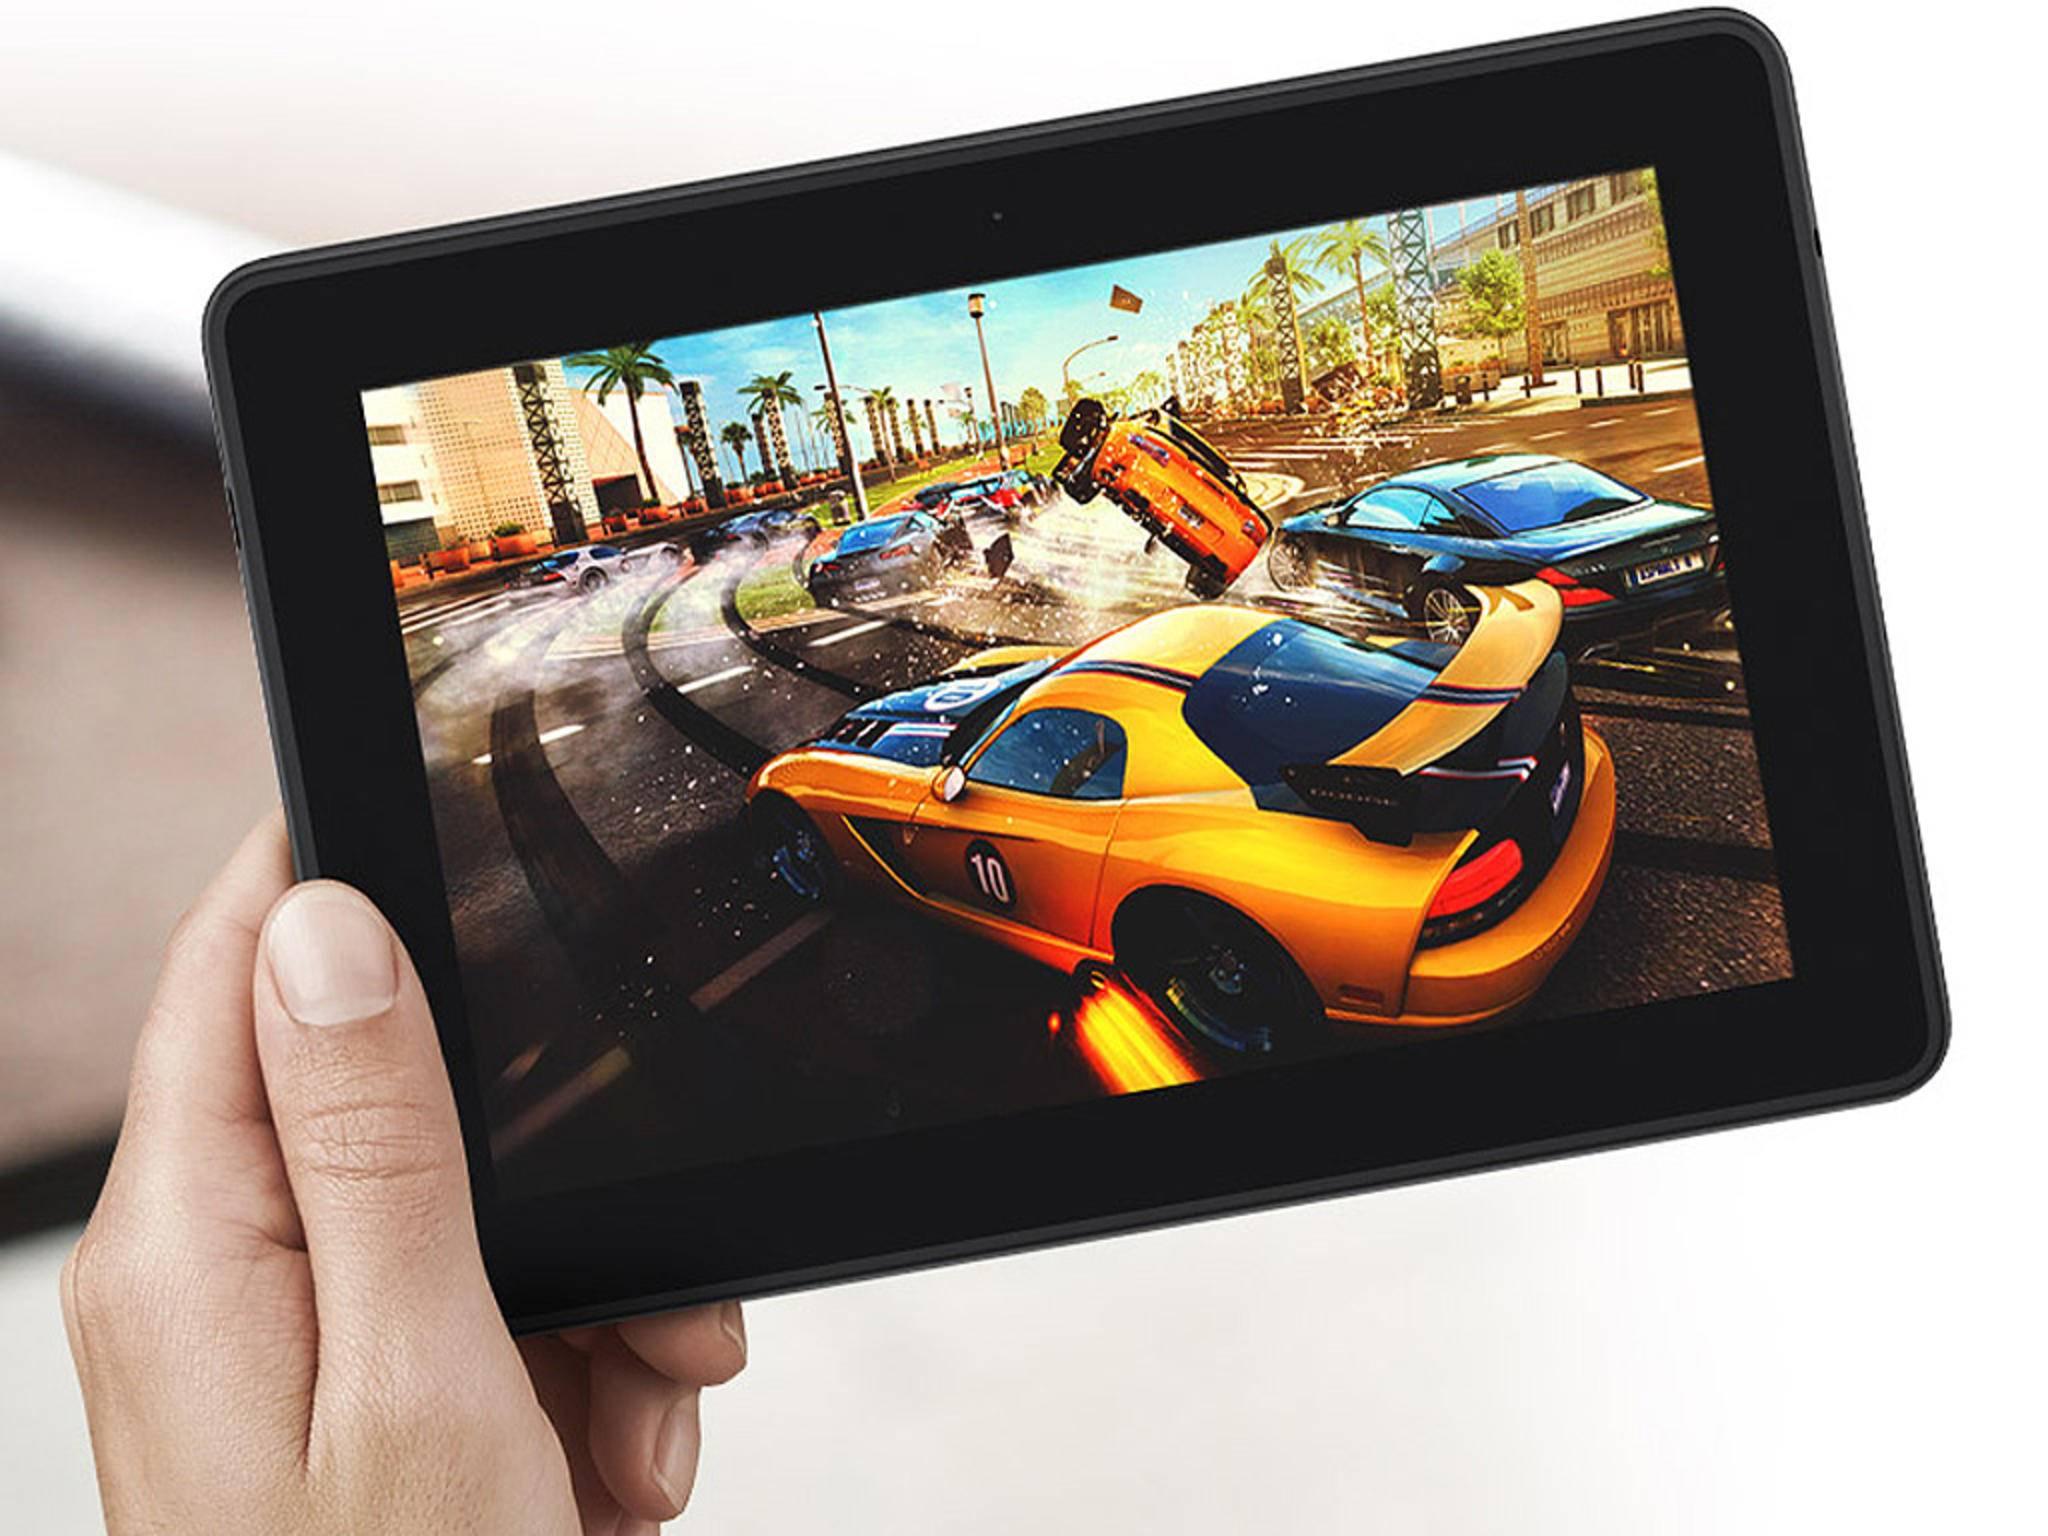 Plant Amazon tatsächlich ein Billig-Tablet für 50 US-Dollar?